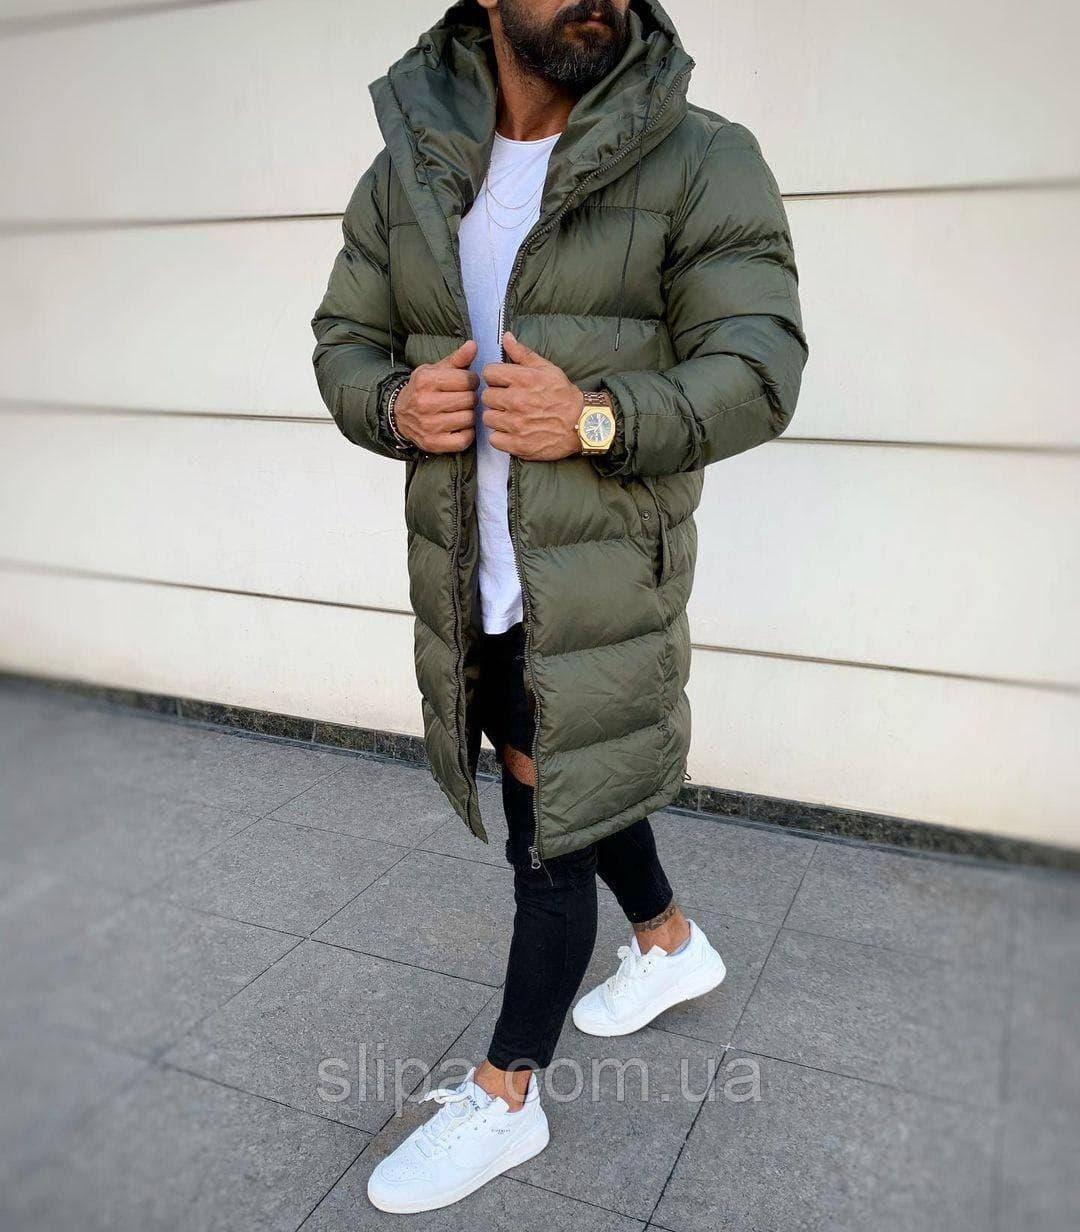 Чоловіча зимова куртка подовжена (Холлофайбер) хакі